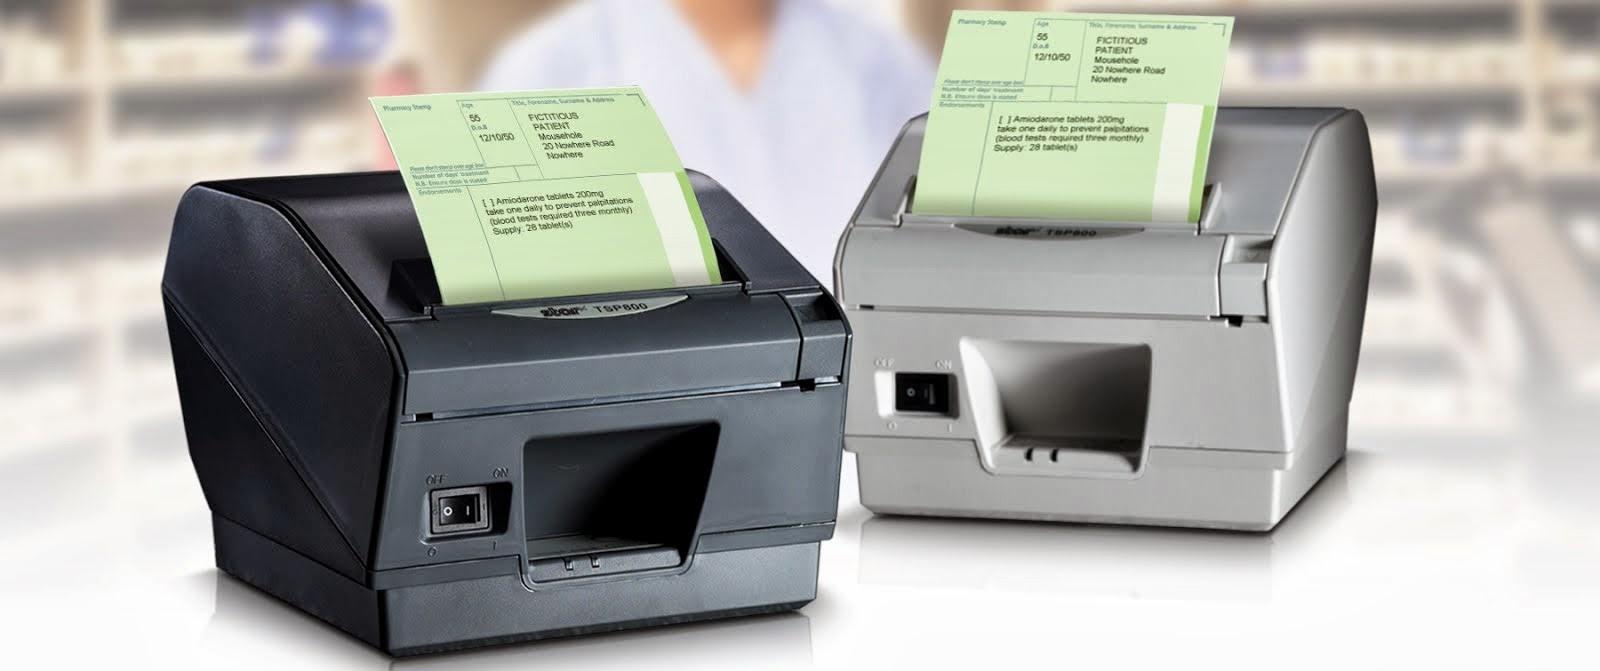 Nên chọn máy in hóa đơn loại nào tốt